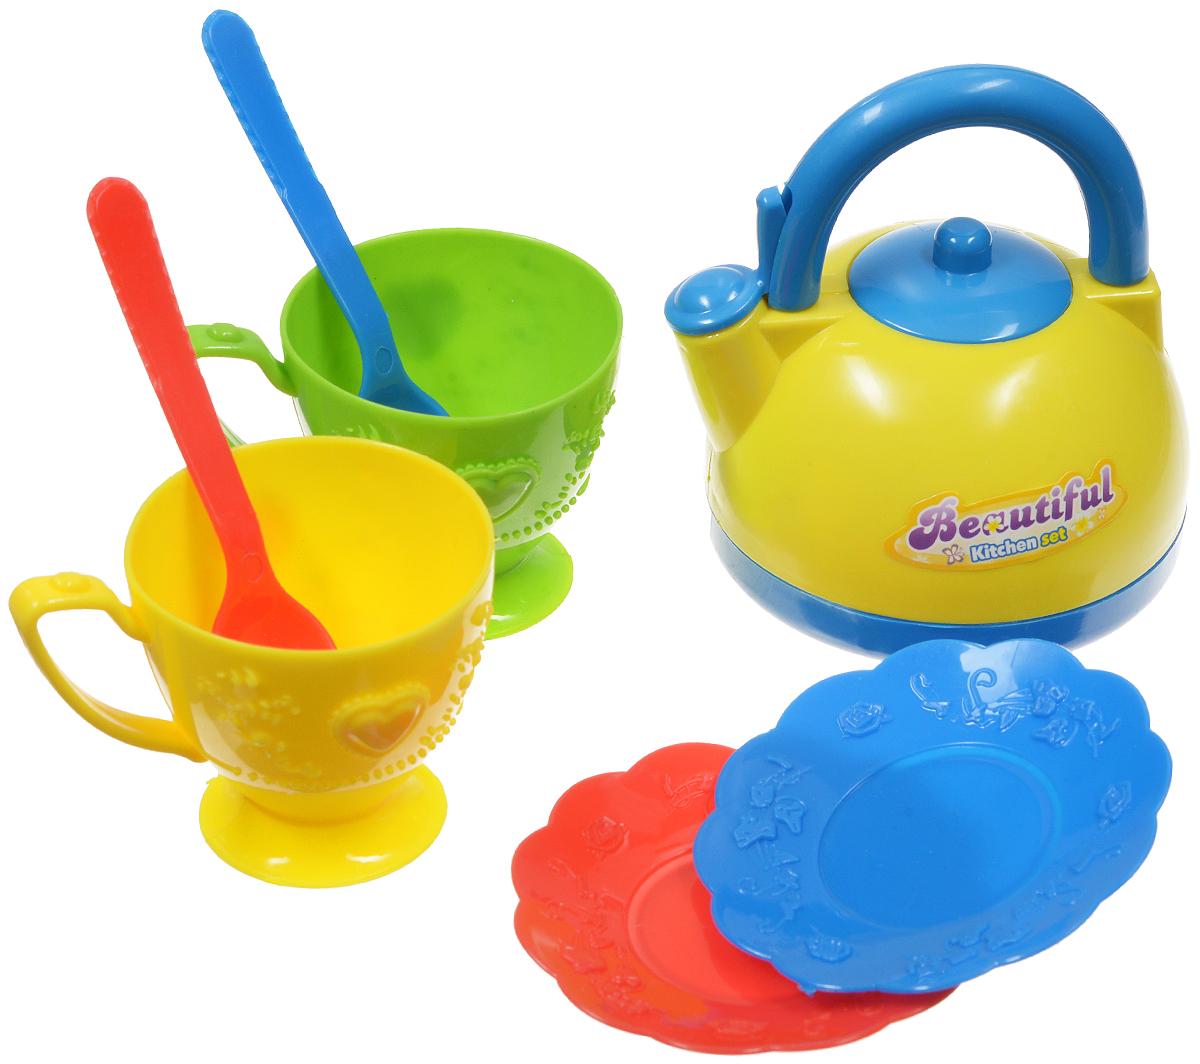 ABtoys Игрушечный кухонный набор 7 предметовPT-00203стИгрушечный кухонный набор ABtoys прекрасно подойдет ребенку для веселых игр. Предметы набора выполнены из качественного и безопасного пластика. Набор рассчитан на две персоны. В состав набора входят две тарелки, две ложки, две чашки и чайник. Без этого набора просто невозможно устроить чаепитие вместе с любимой куклой и не пригласить на чай косолапого мишку. Любая юная хозяйка будет рада постигать искусство приема гостей и осваивать навыки кулинарии.